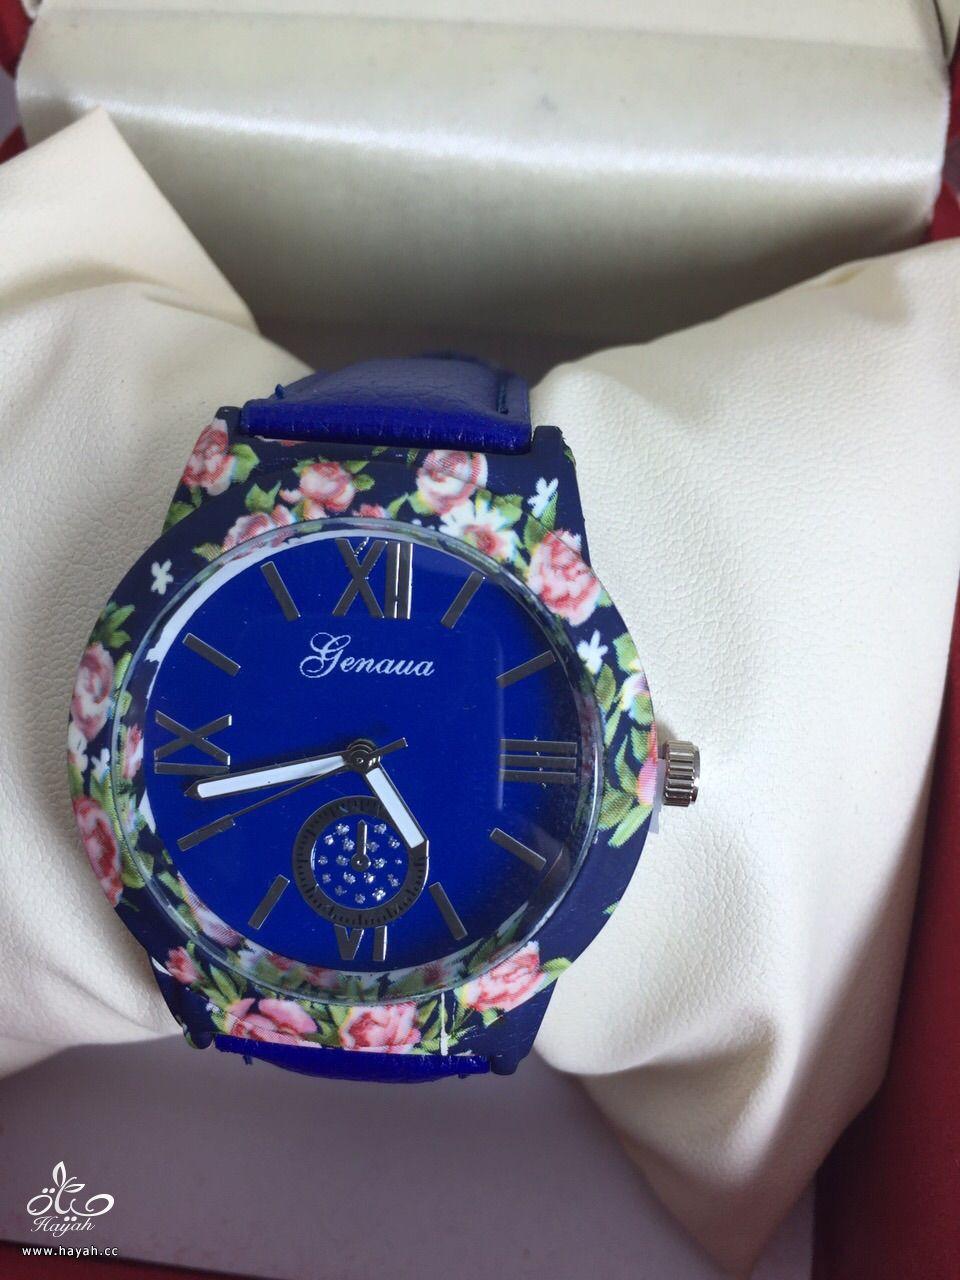 جديد ساعات جينفا بسعر راائع hayahcc_1427842410_136.jpg